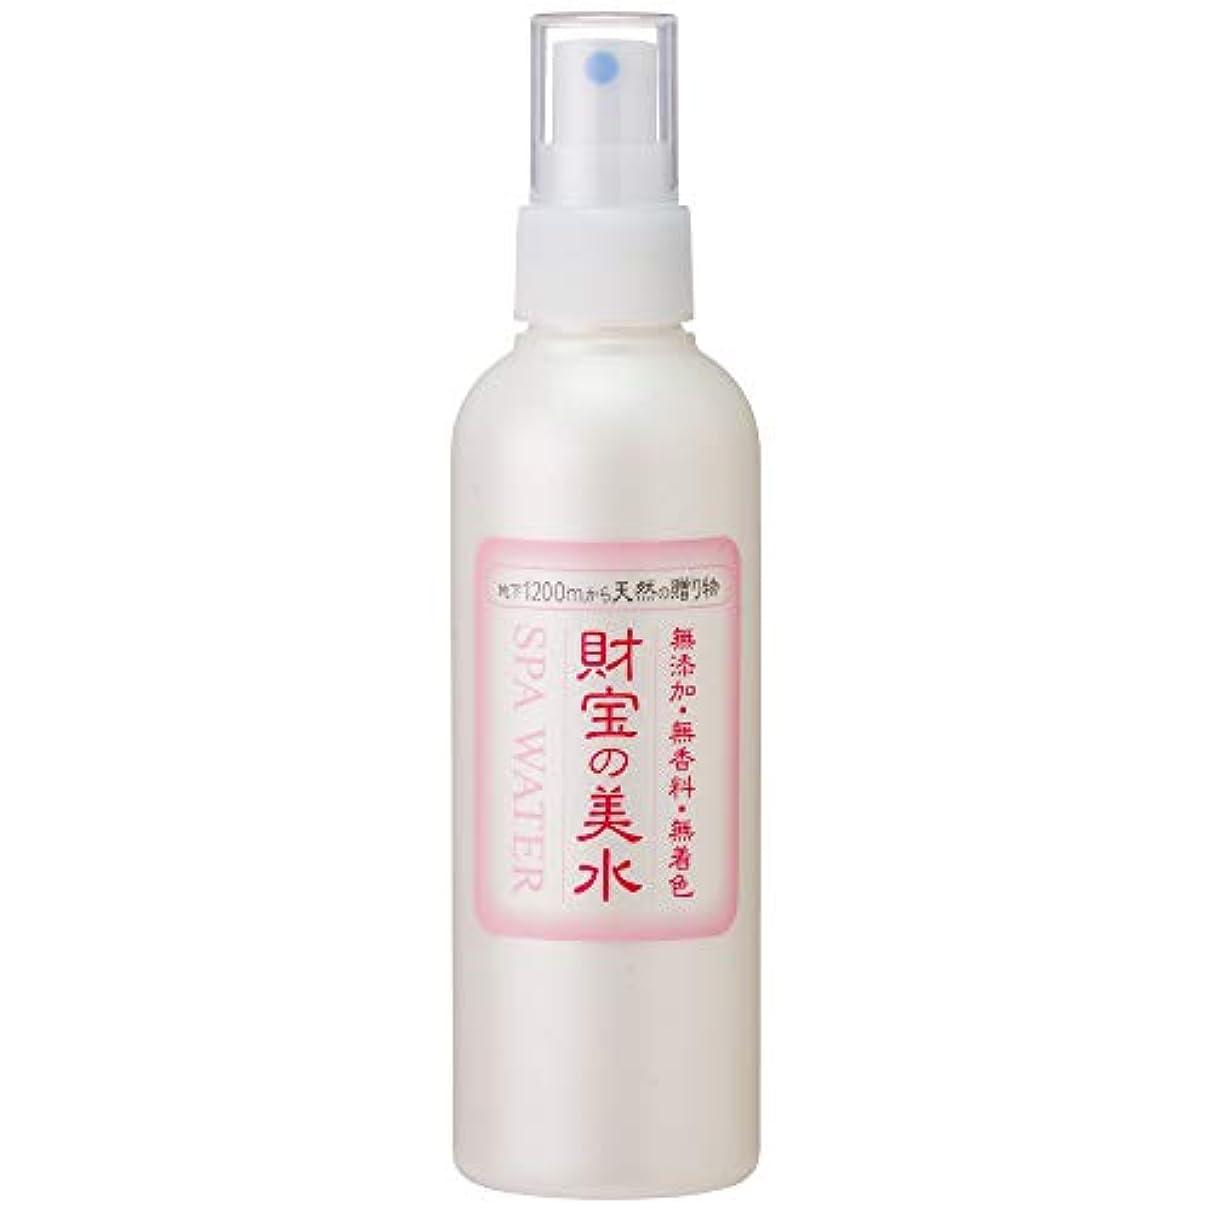 レタス猫背異常な財宝 温泉 美水 ミスト 化粧水 200ml